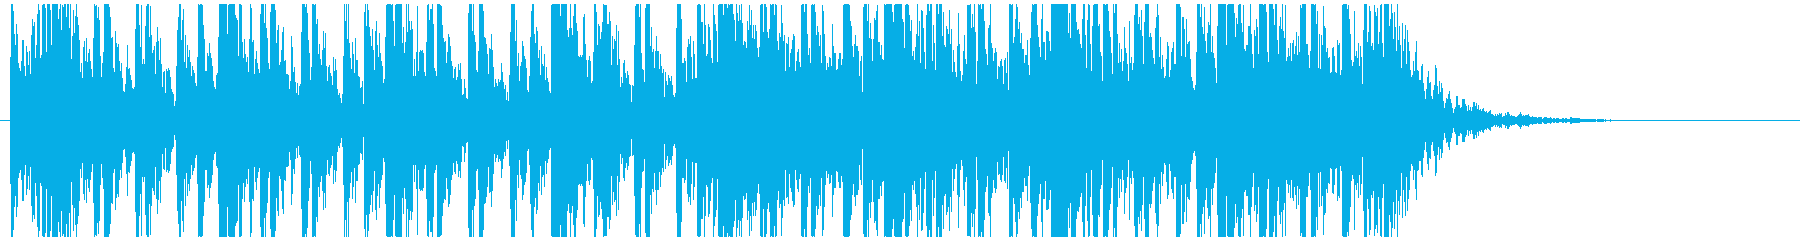 和太鼓のフレーズ3 残響なしの再生済みの波形